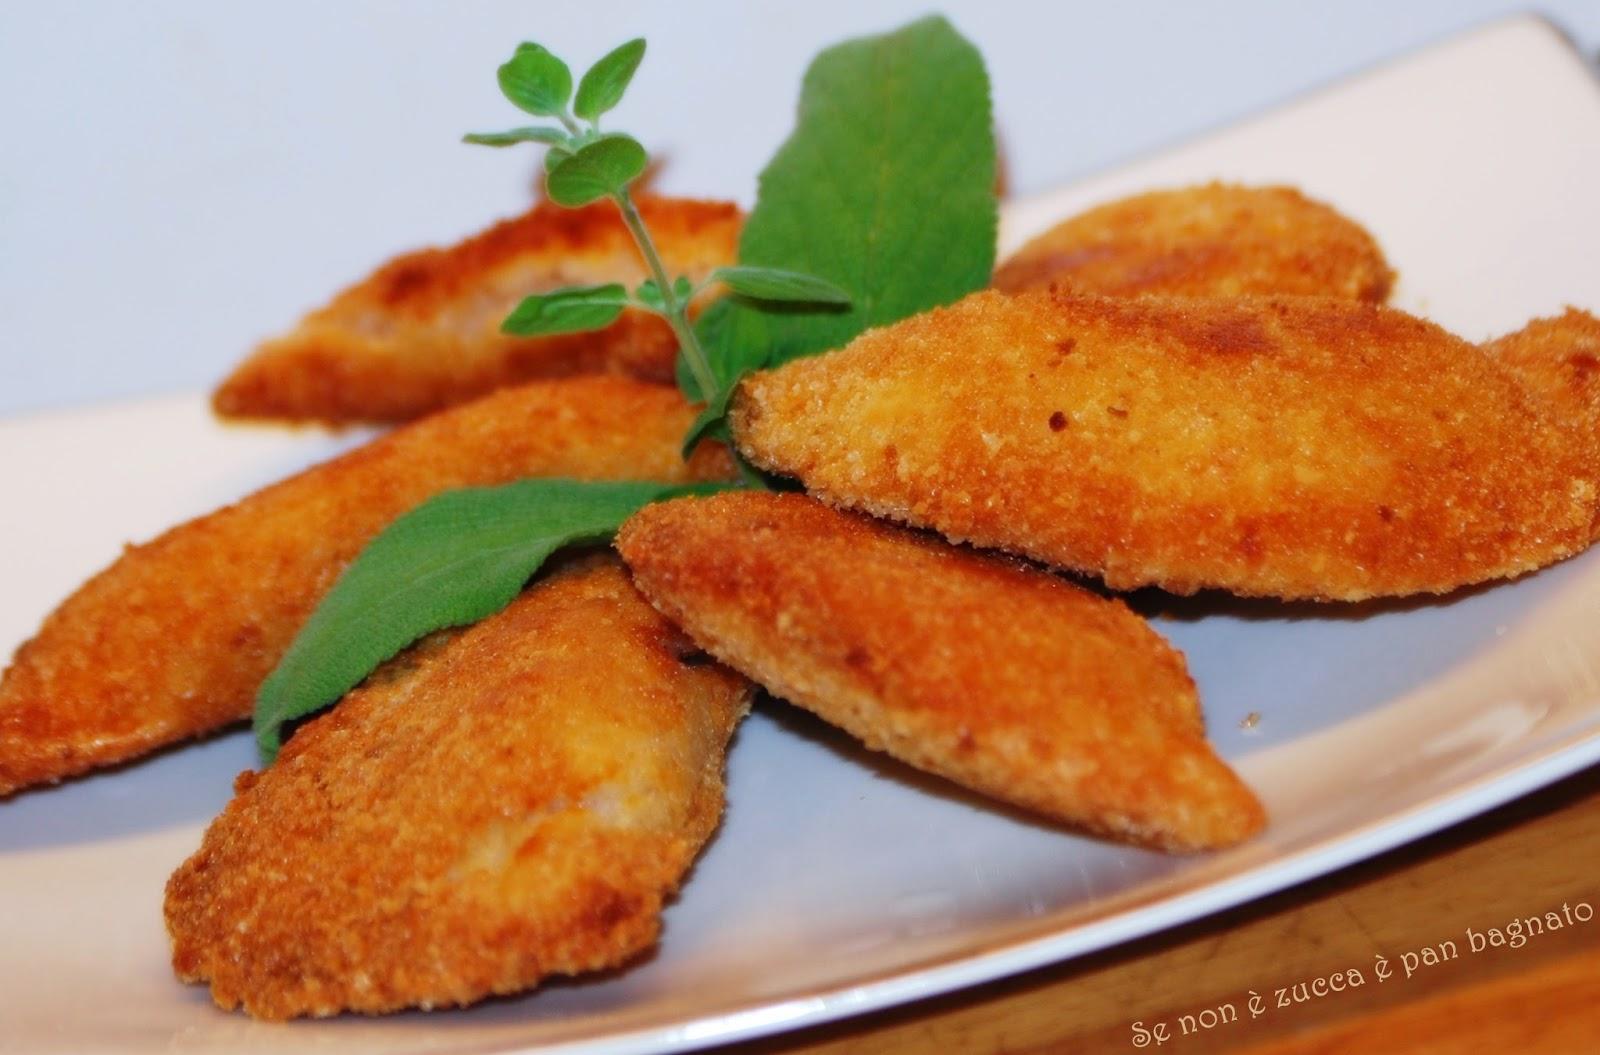 Sofficini fatti in casa farciti con mozzarella e - Faretti in casa ...